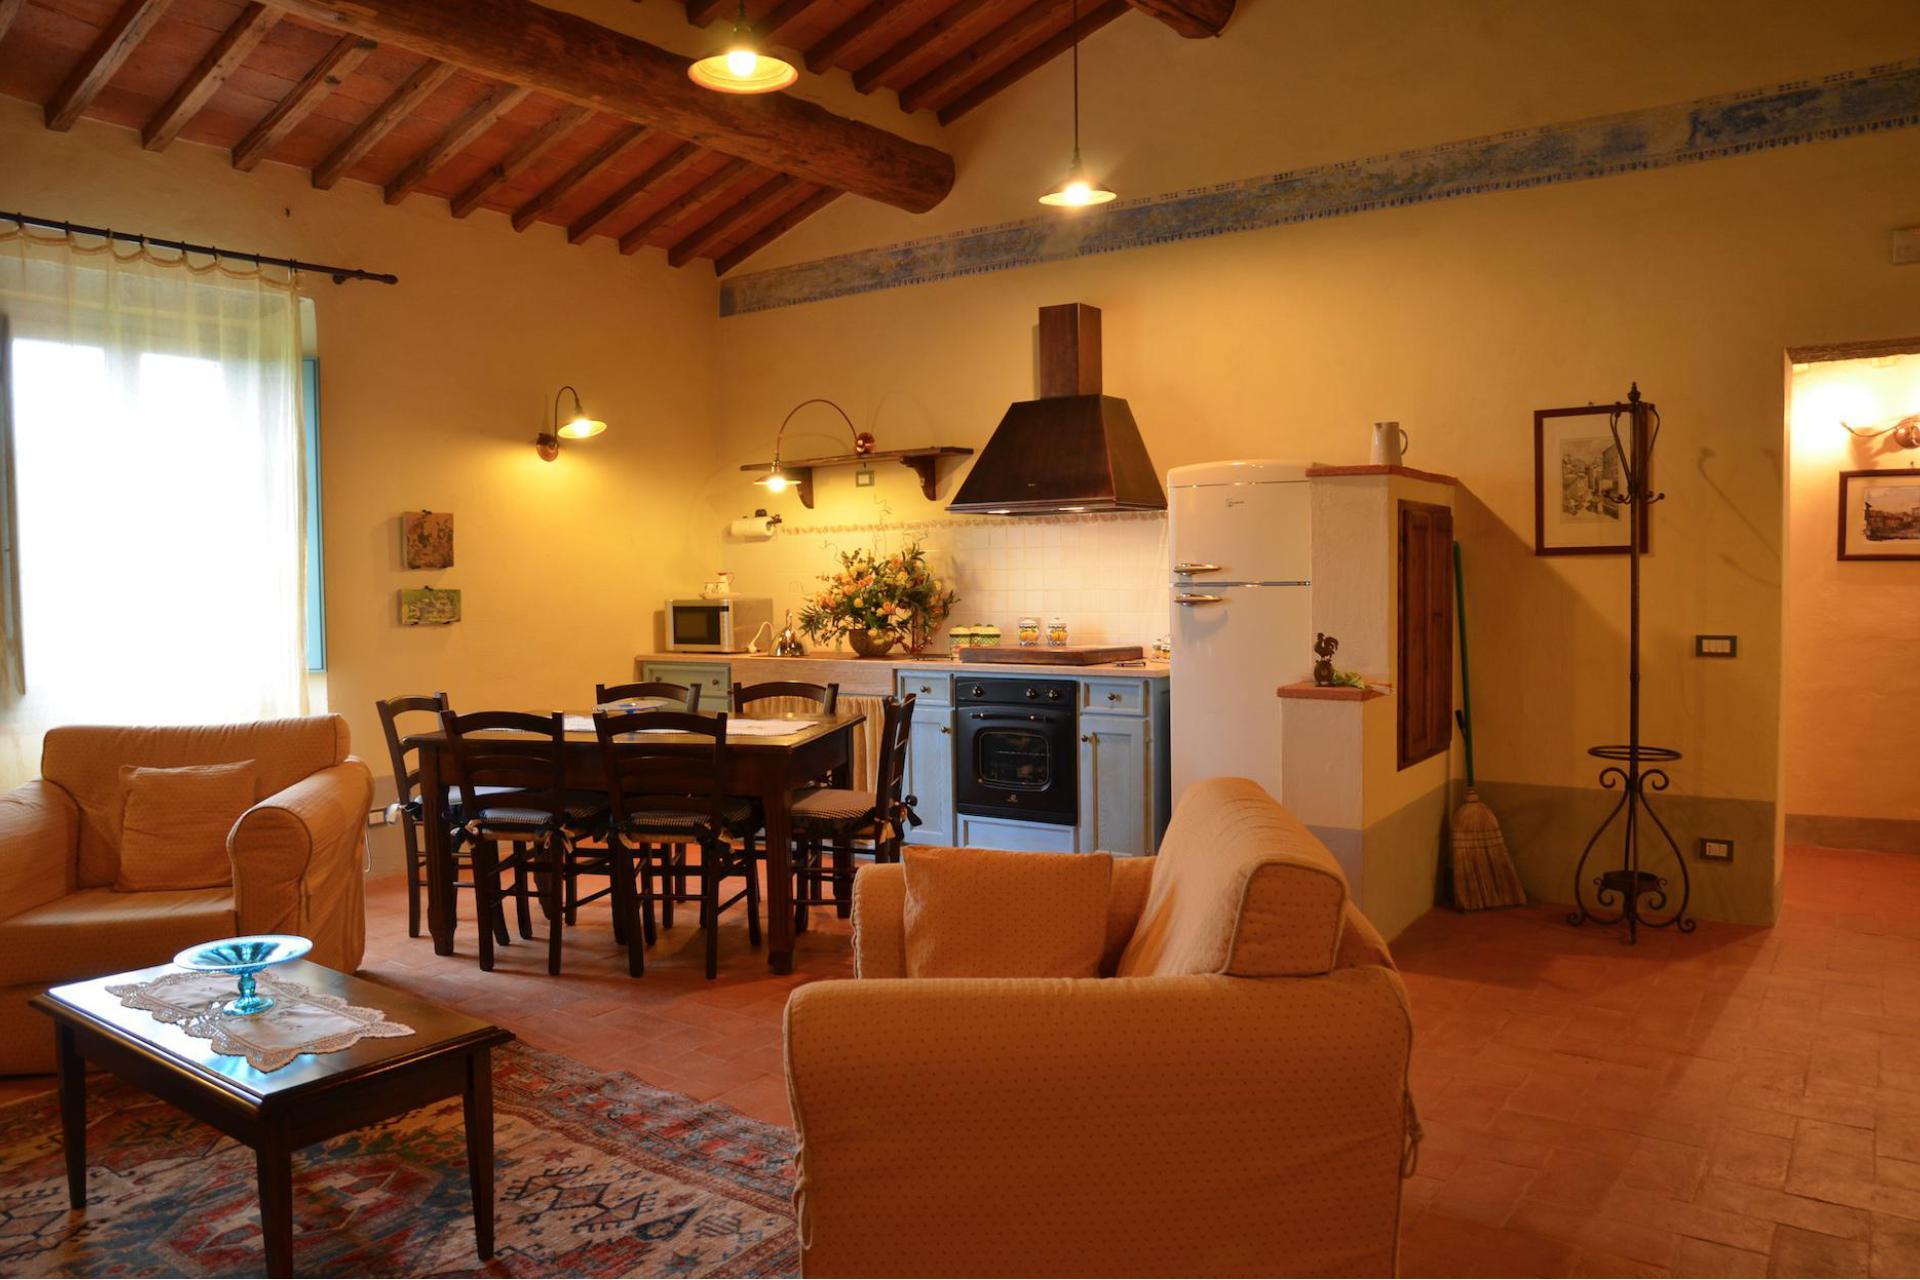 Agriturismo Liguria Elegante agriturismo vicino alle Cinque Terre, Liguria